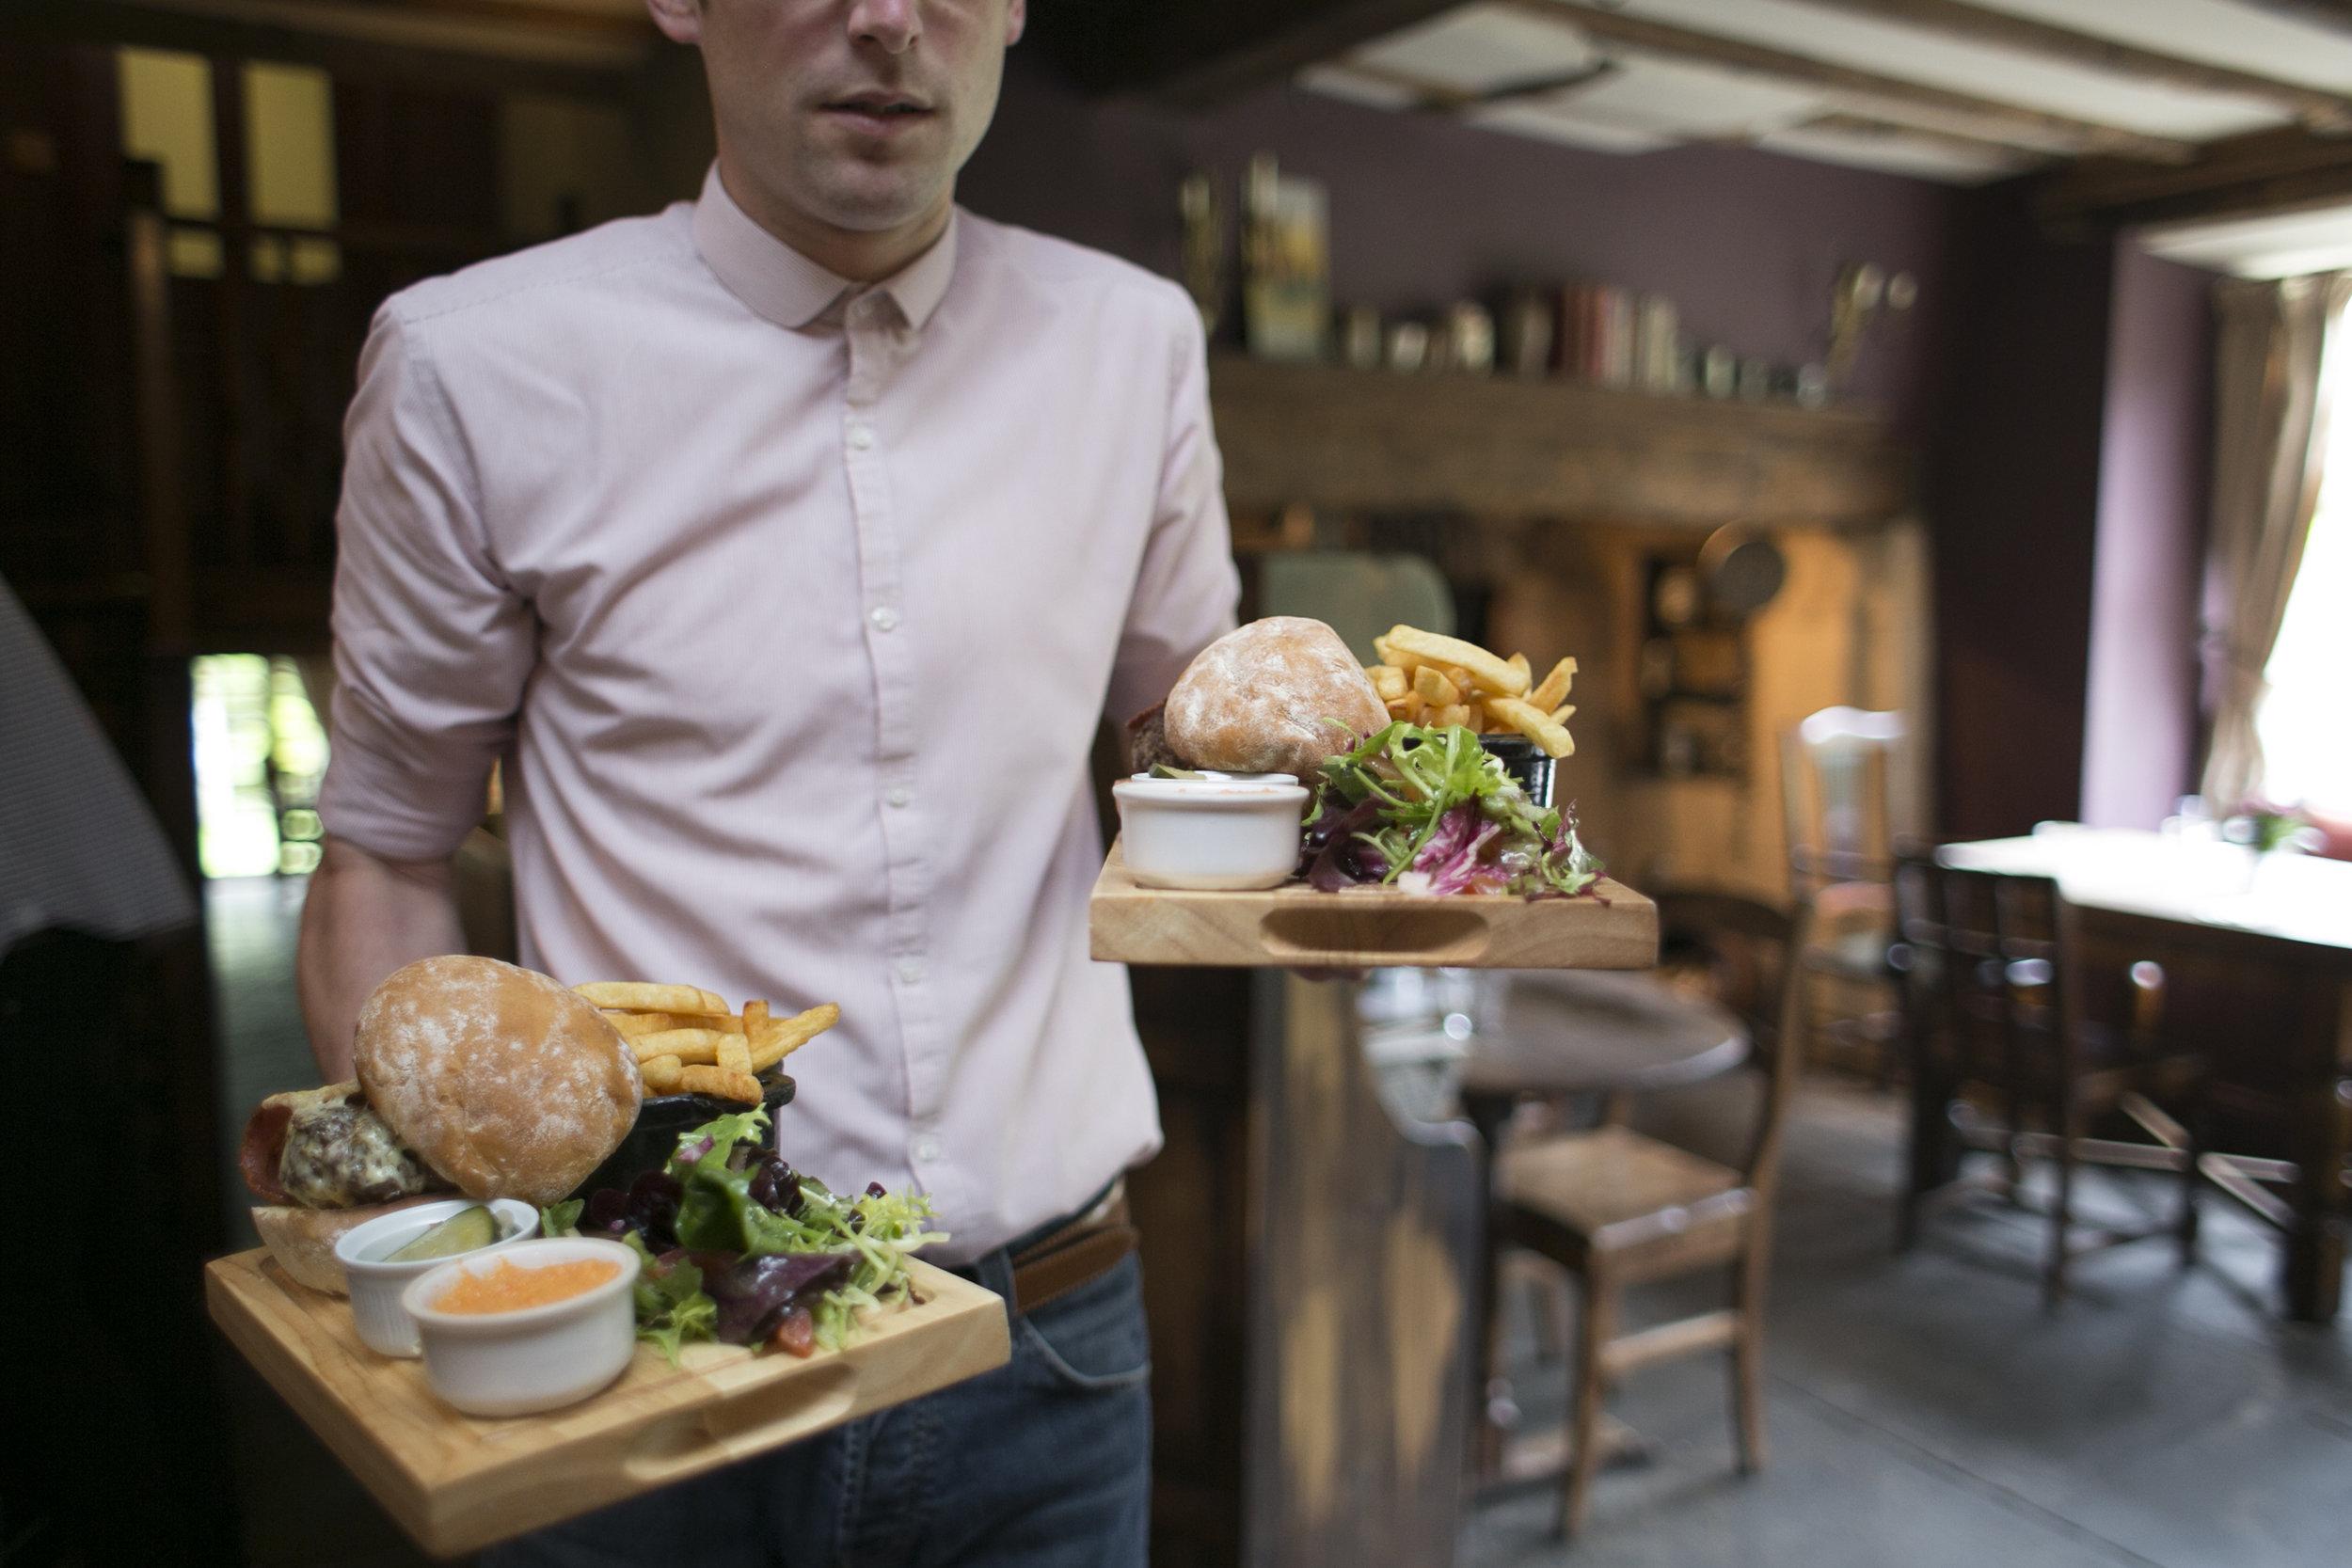 burger_delivery.jpg